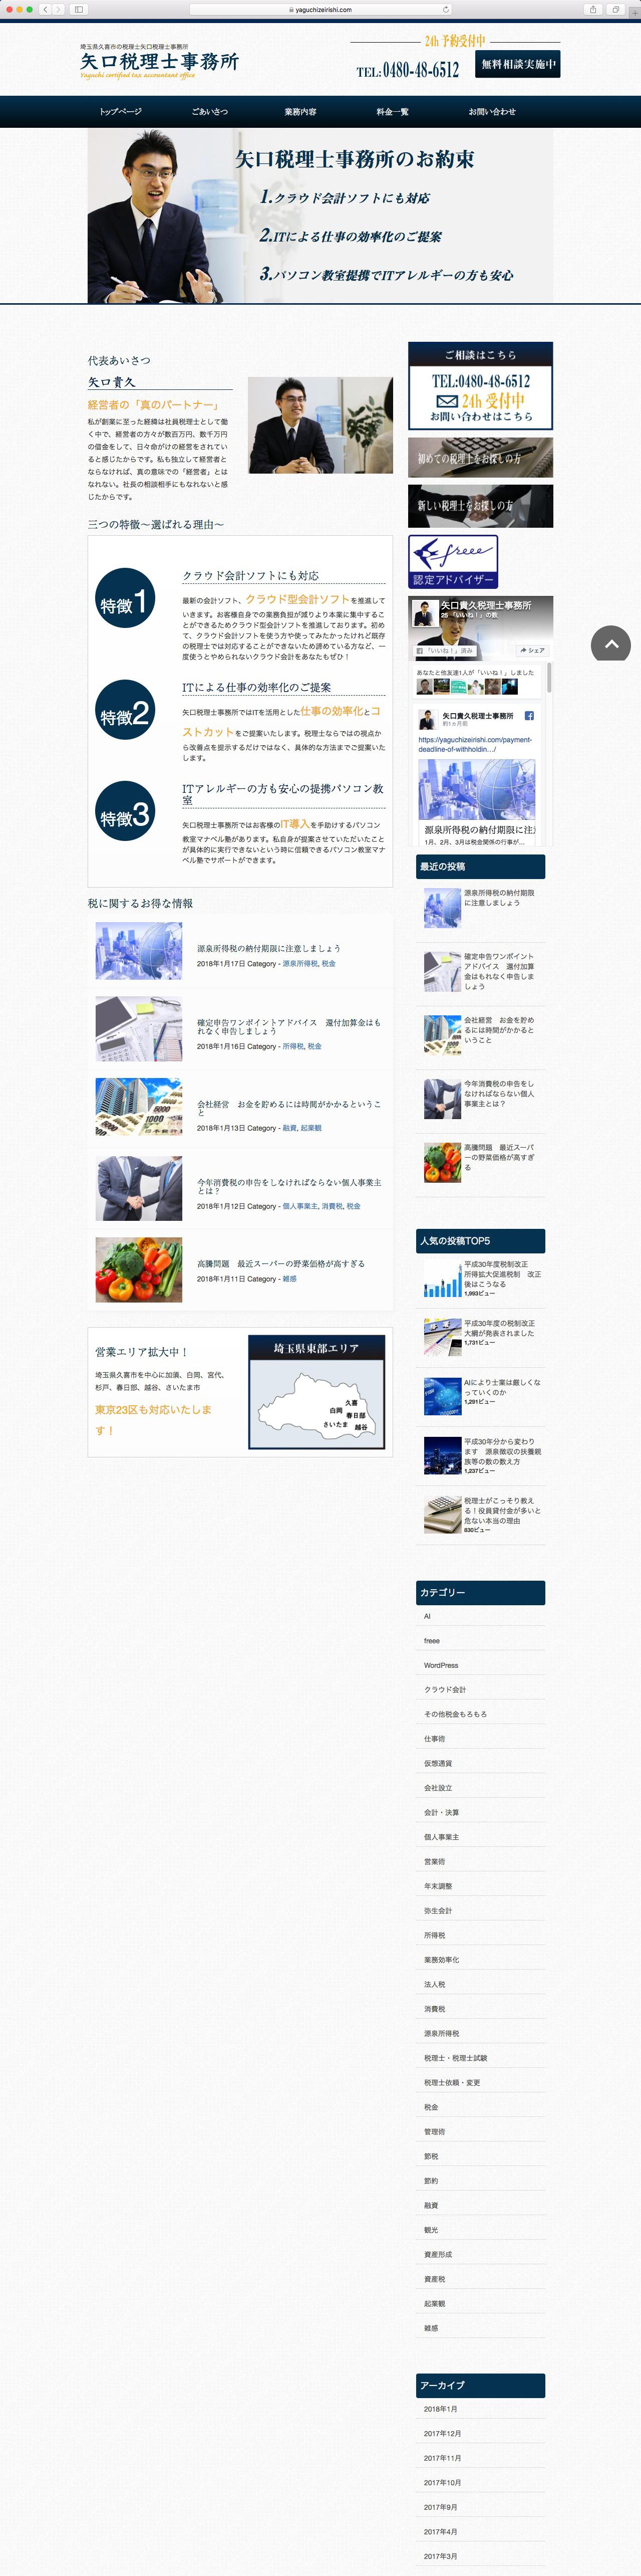 矢口税理士事務所ウェブサイト